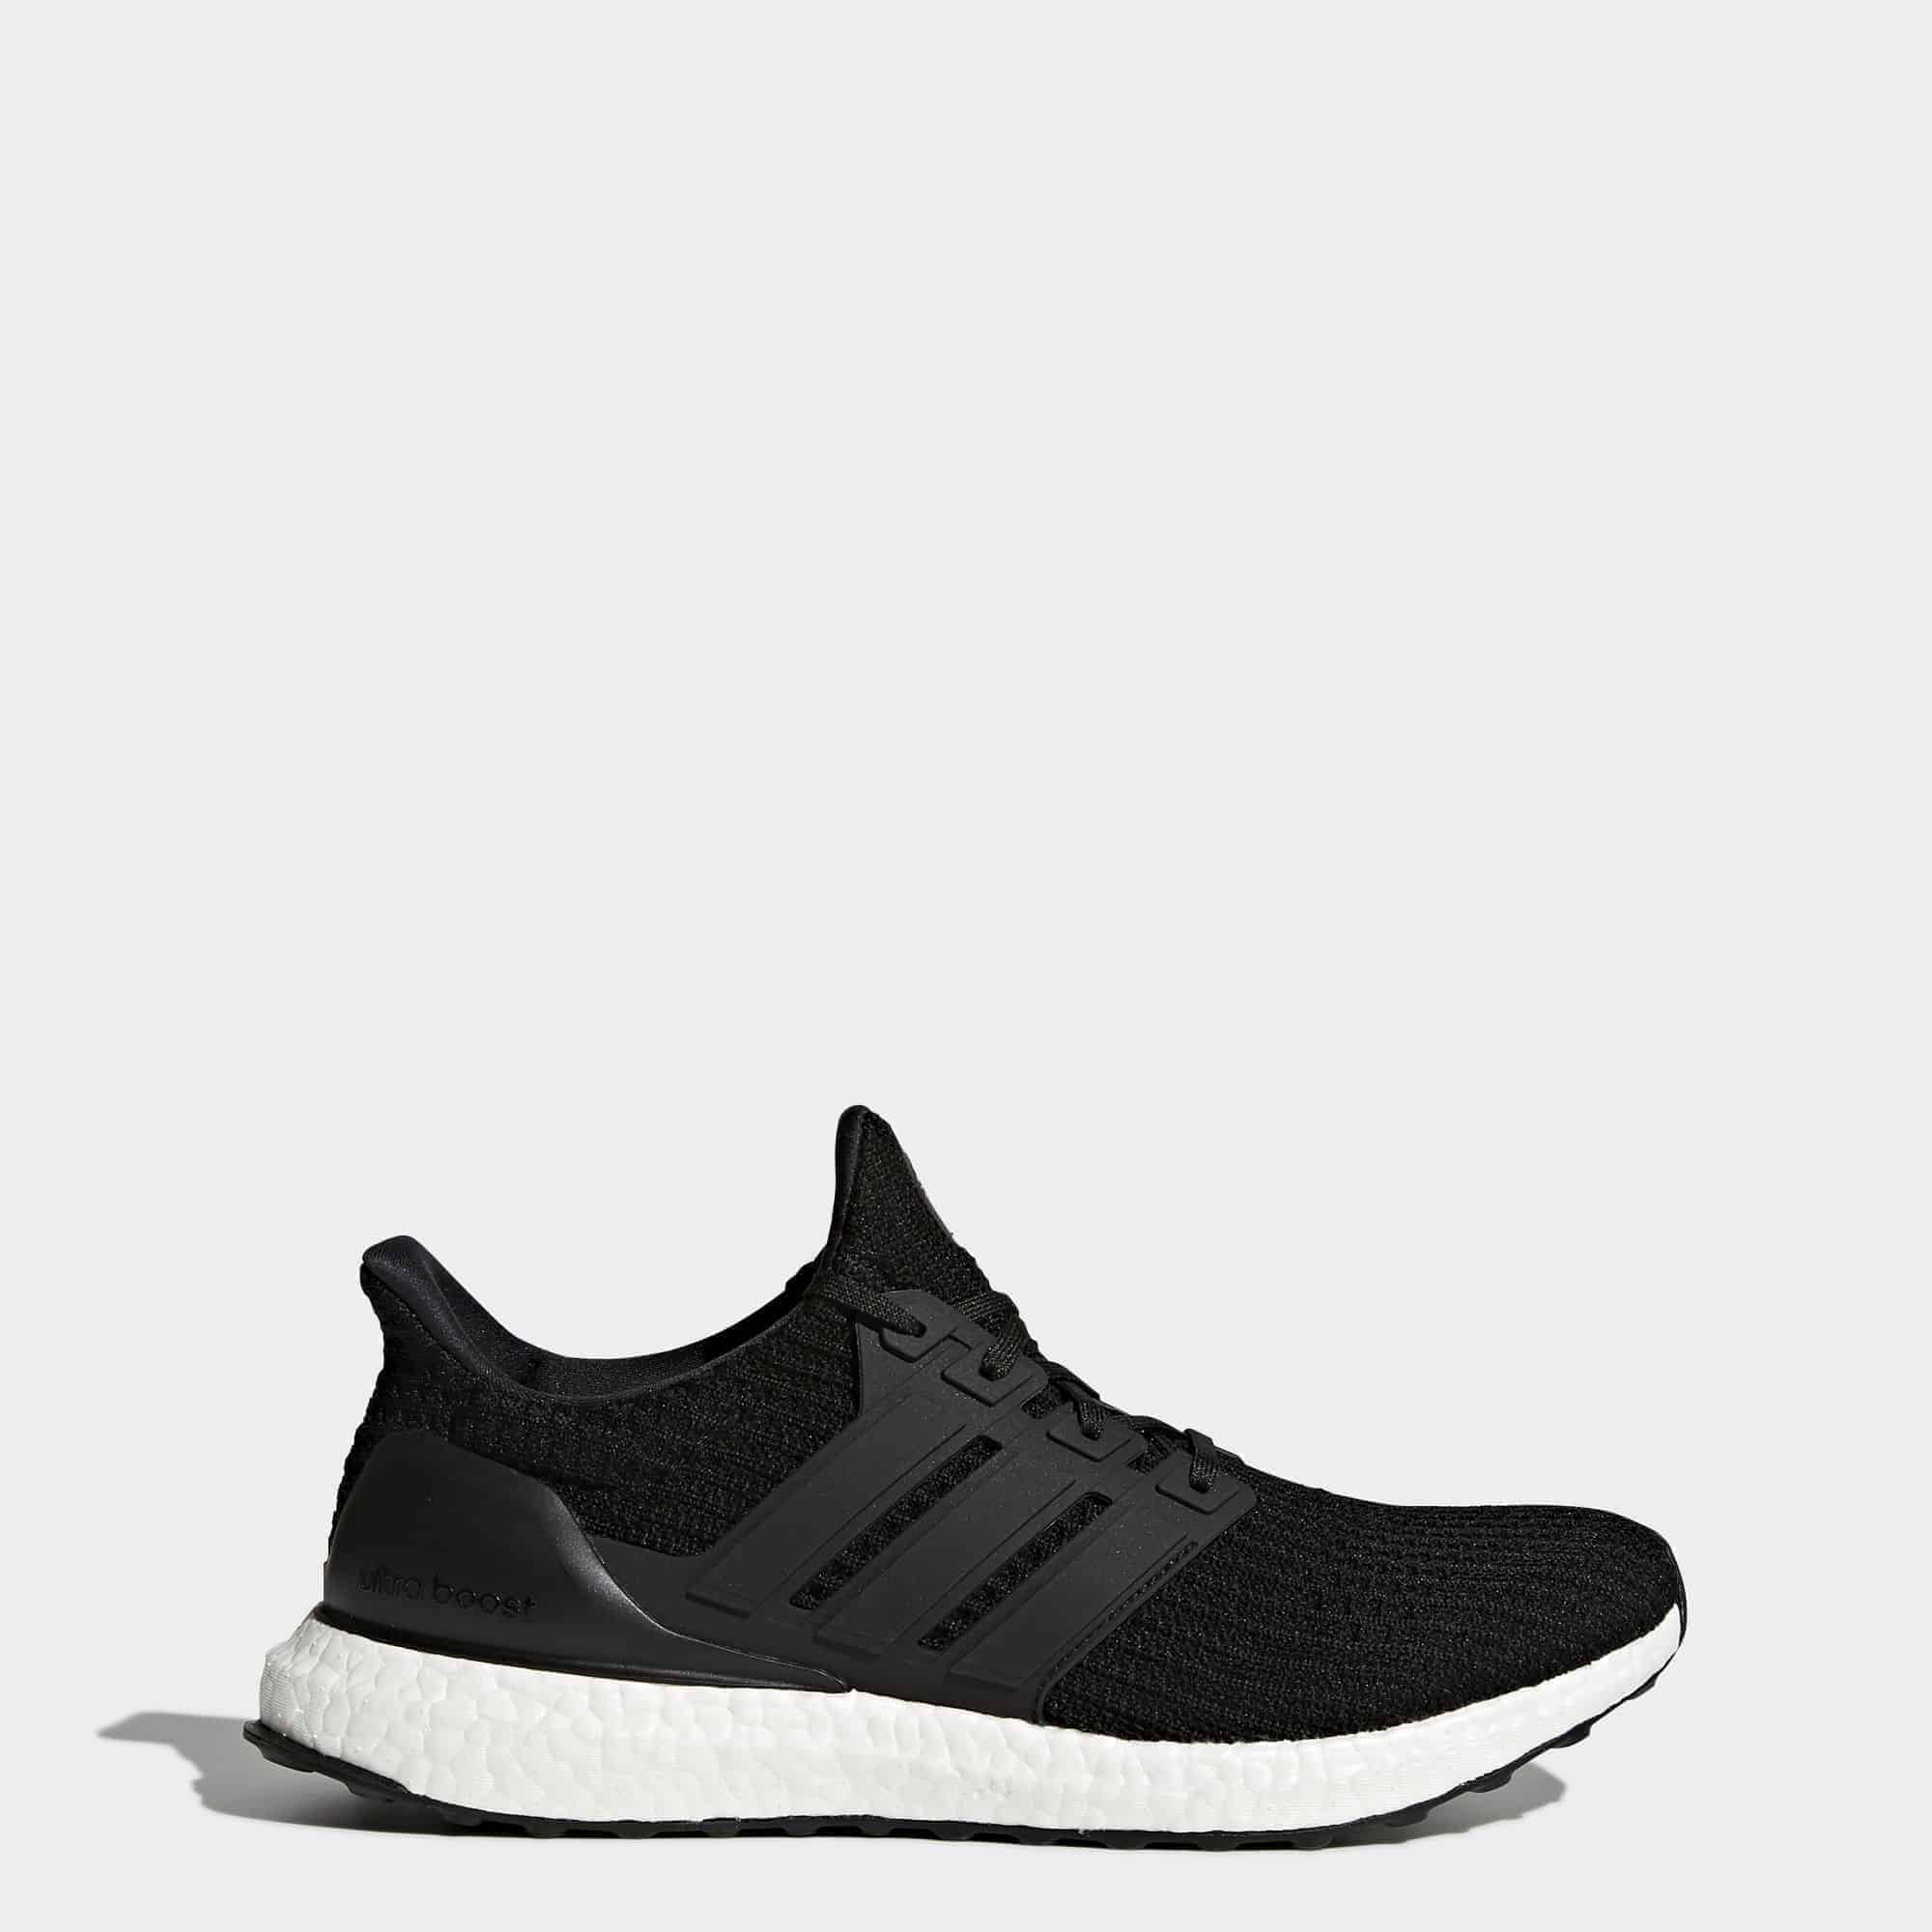 Кроссовки для бега Adidas Ultraboost мужские